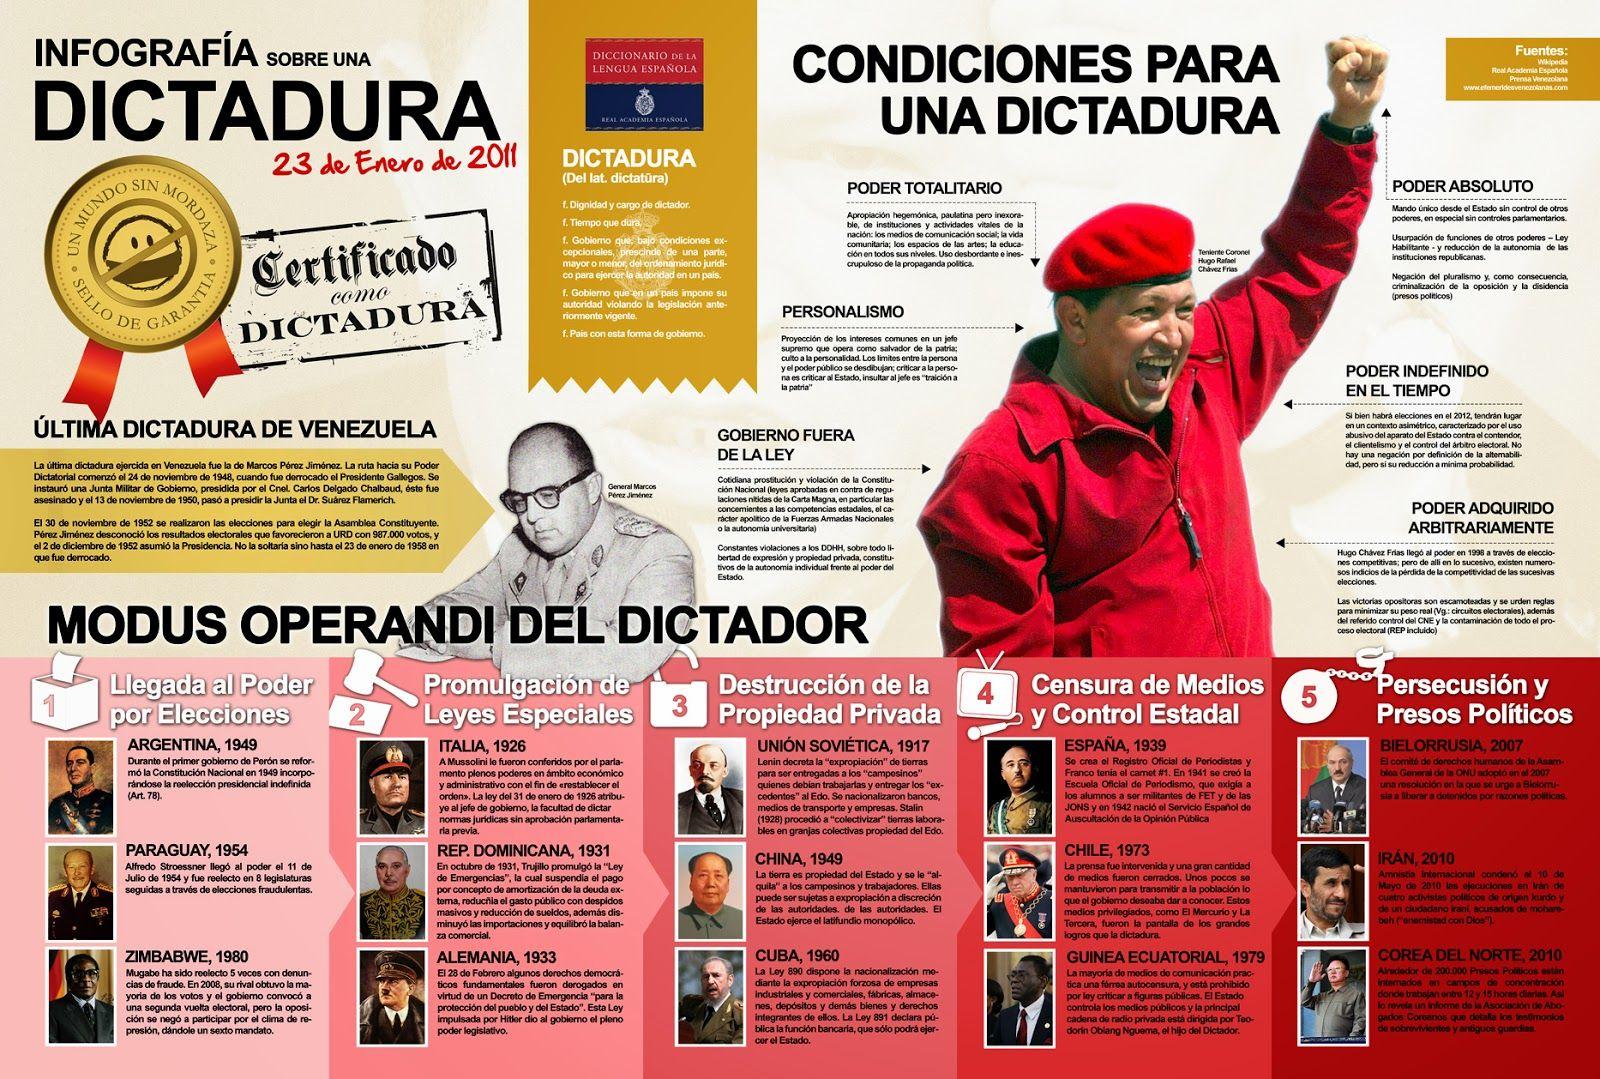 Infografia Dictadura